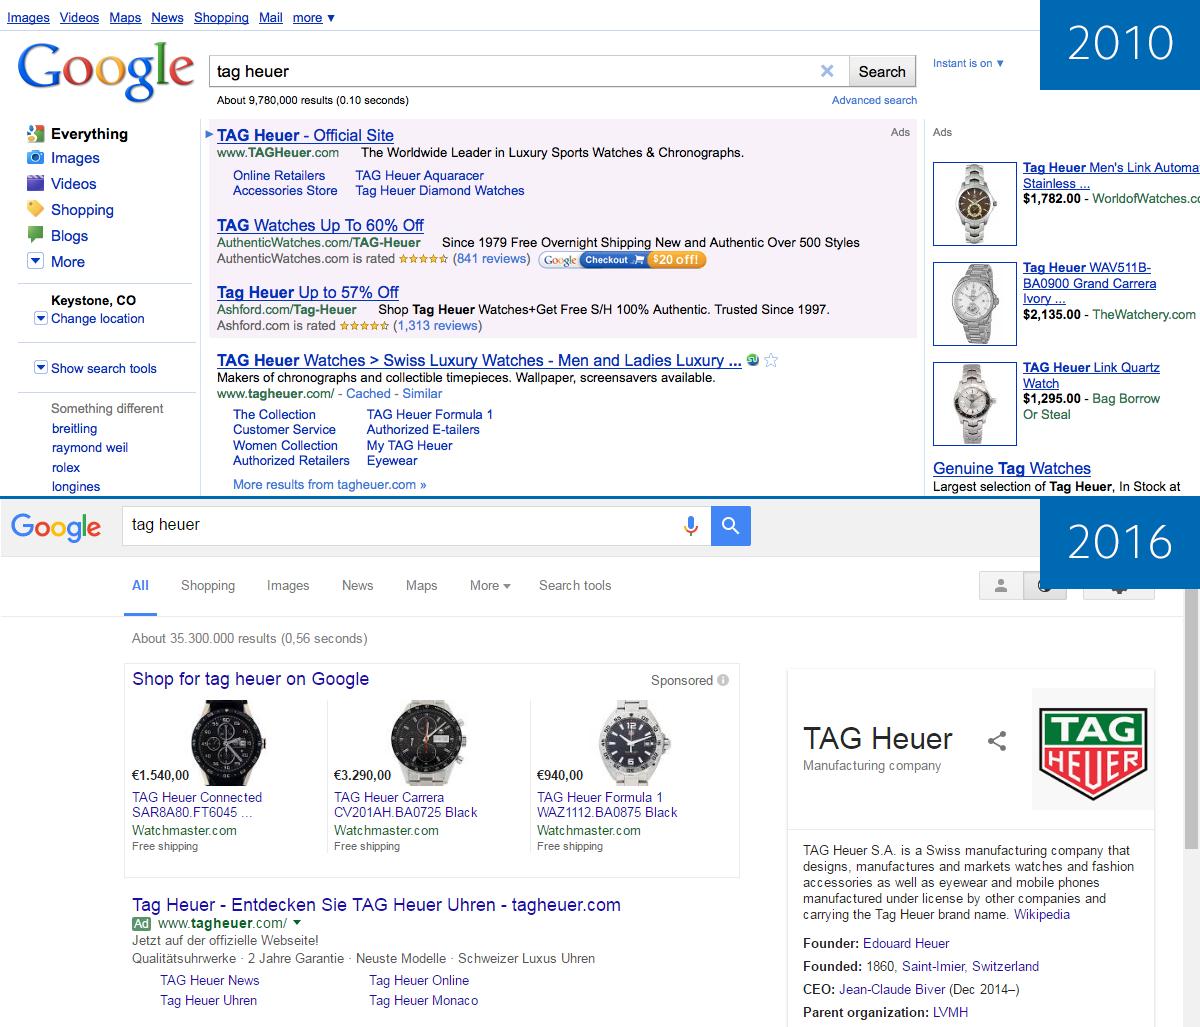 Googles Suchoberfläche 2010 und 2016